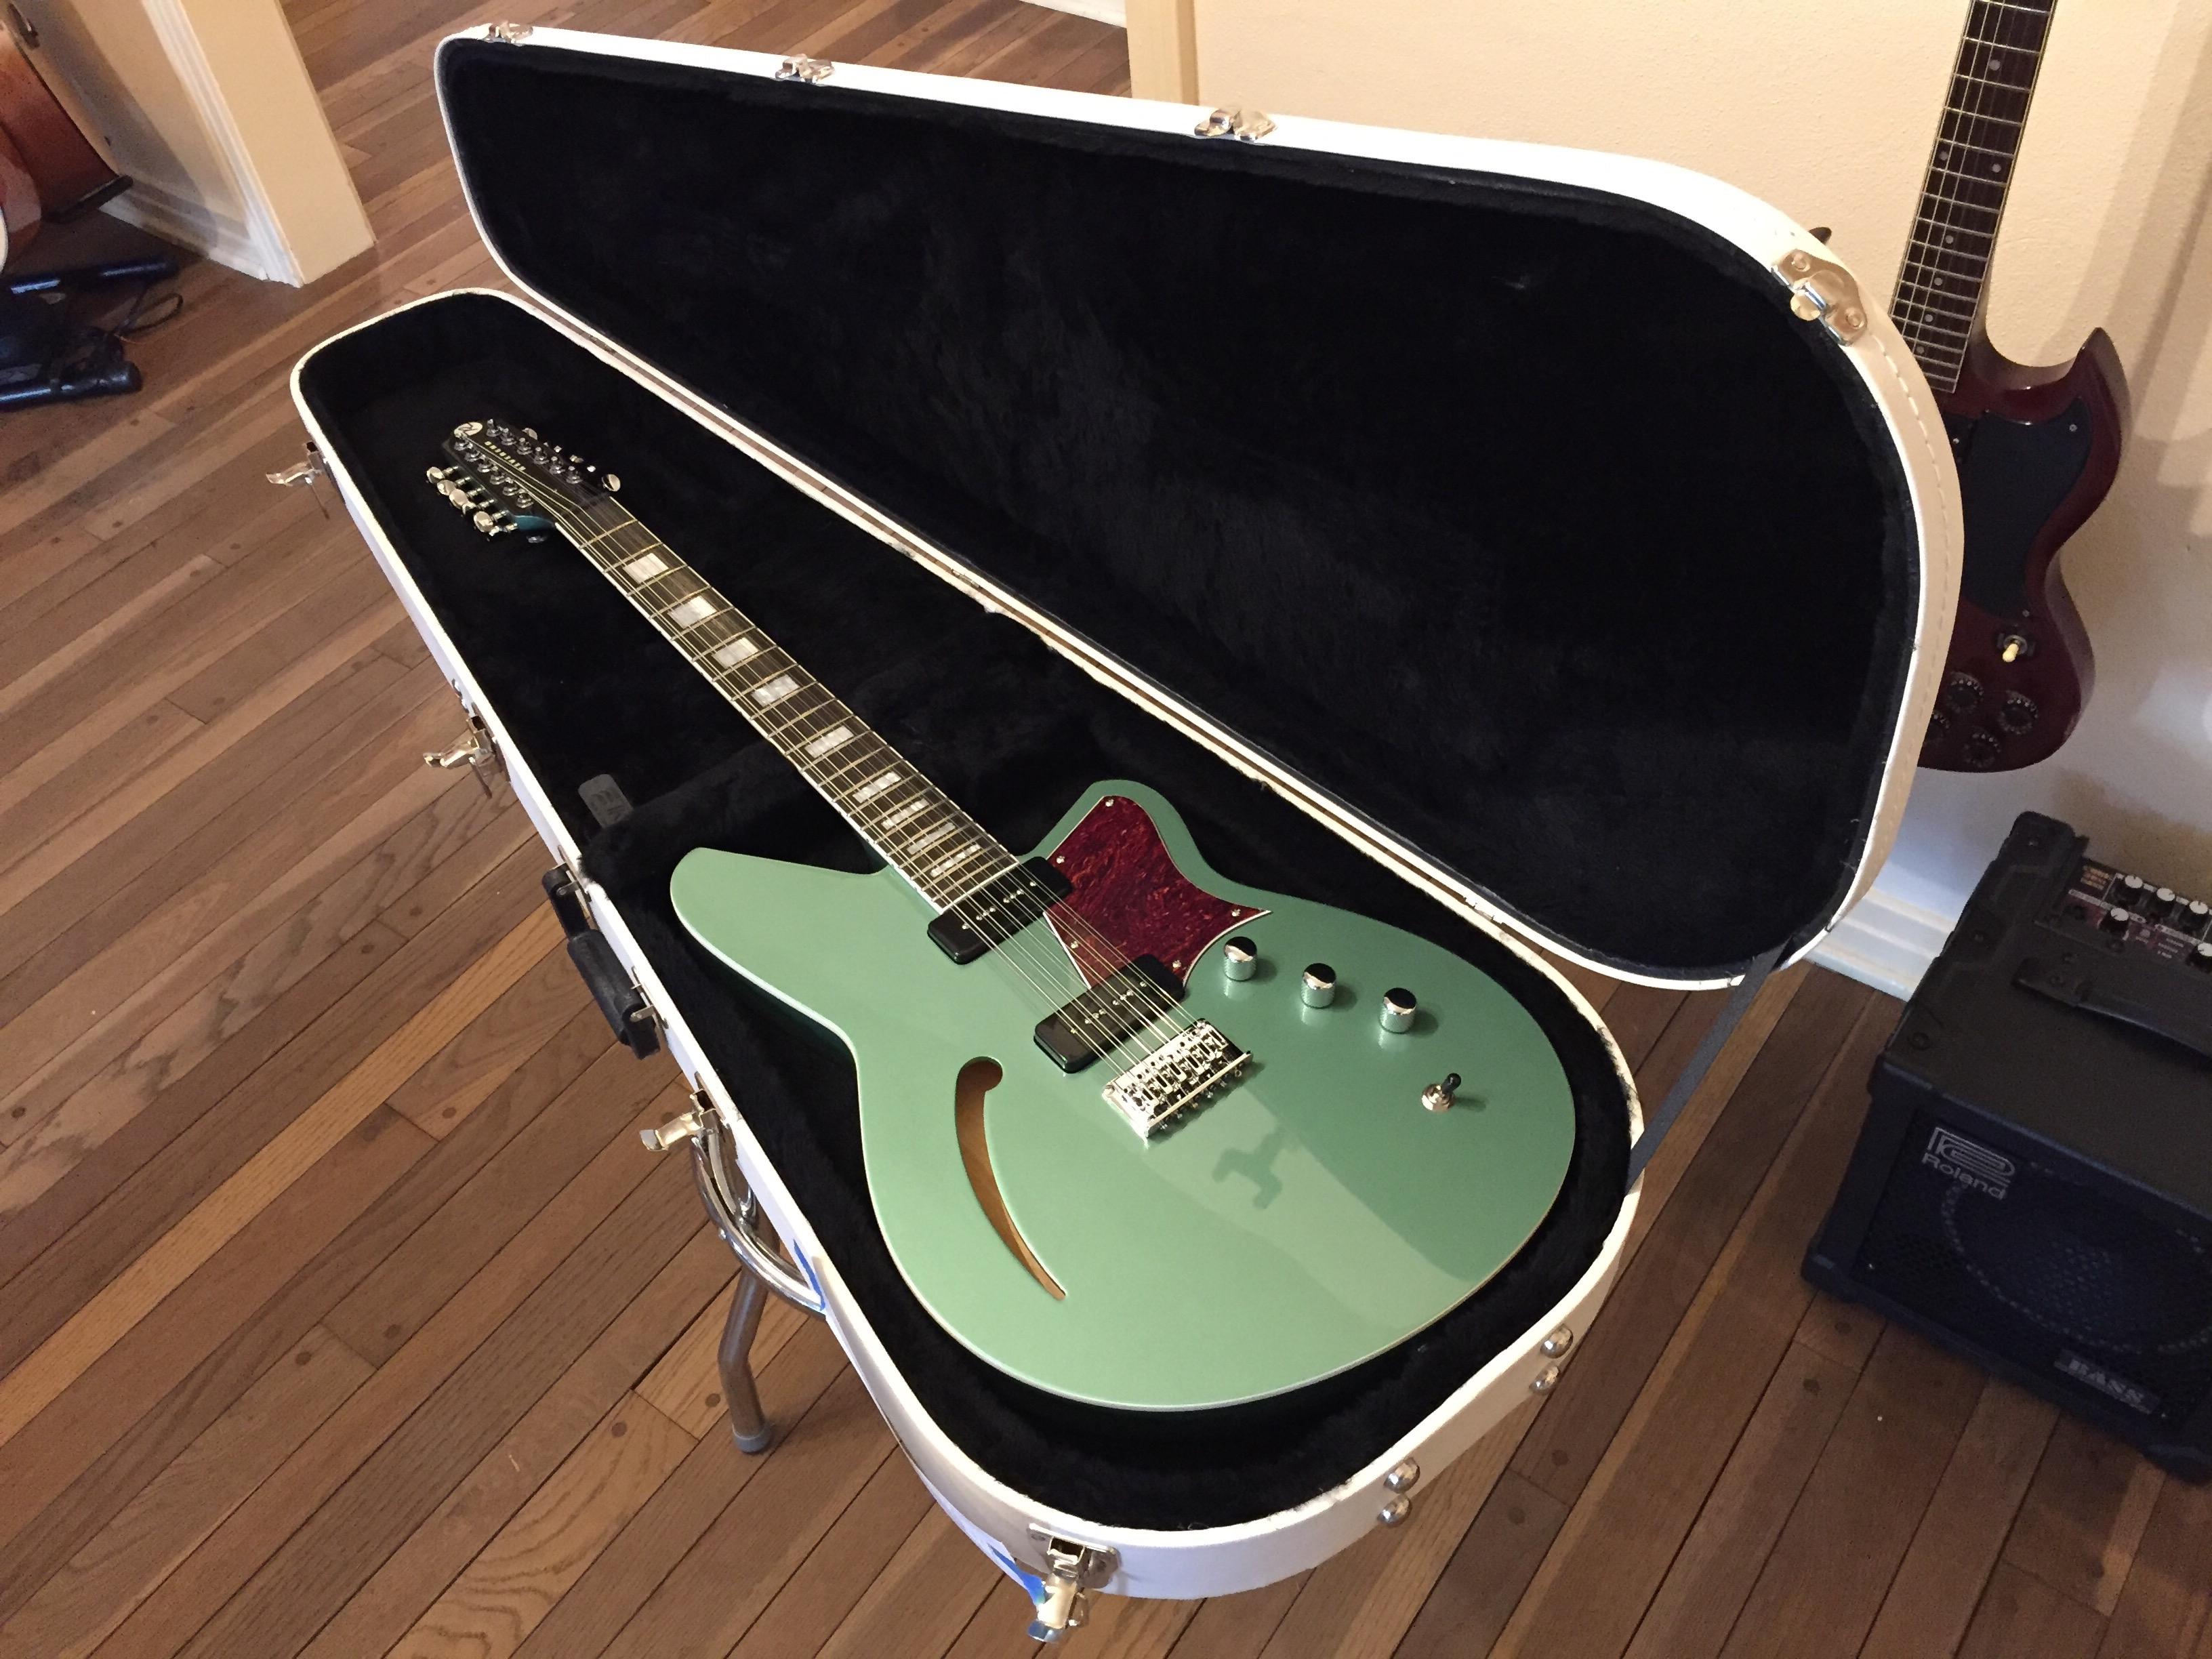 reverend airwave 12 string electric in for a setup guitars united. Black Bedroom Furniture Sets. Home Design Ideas